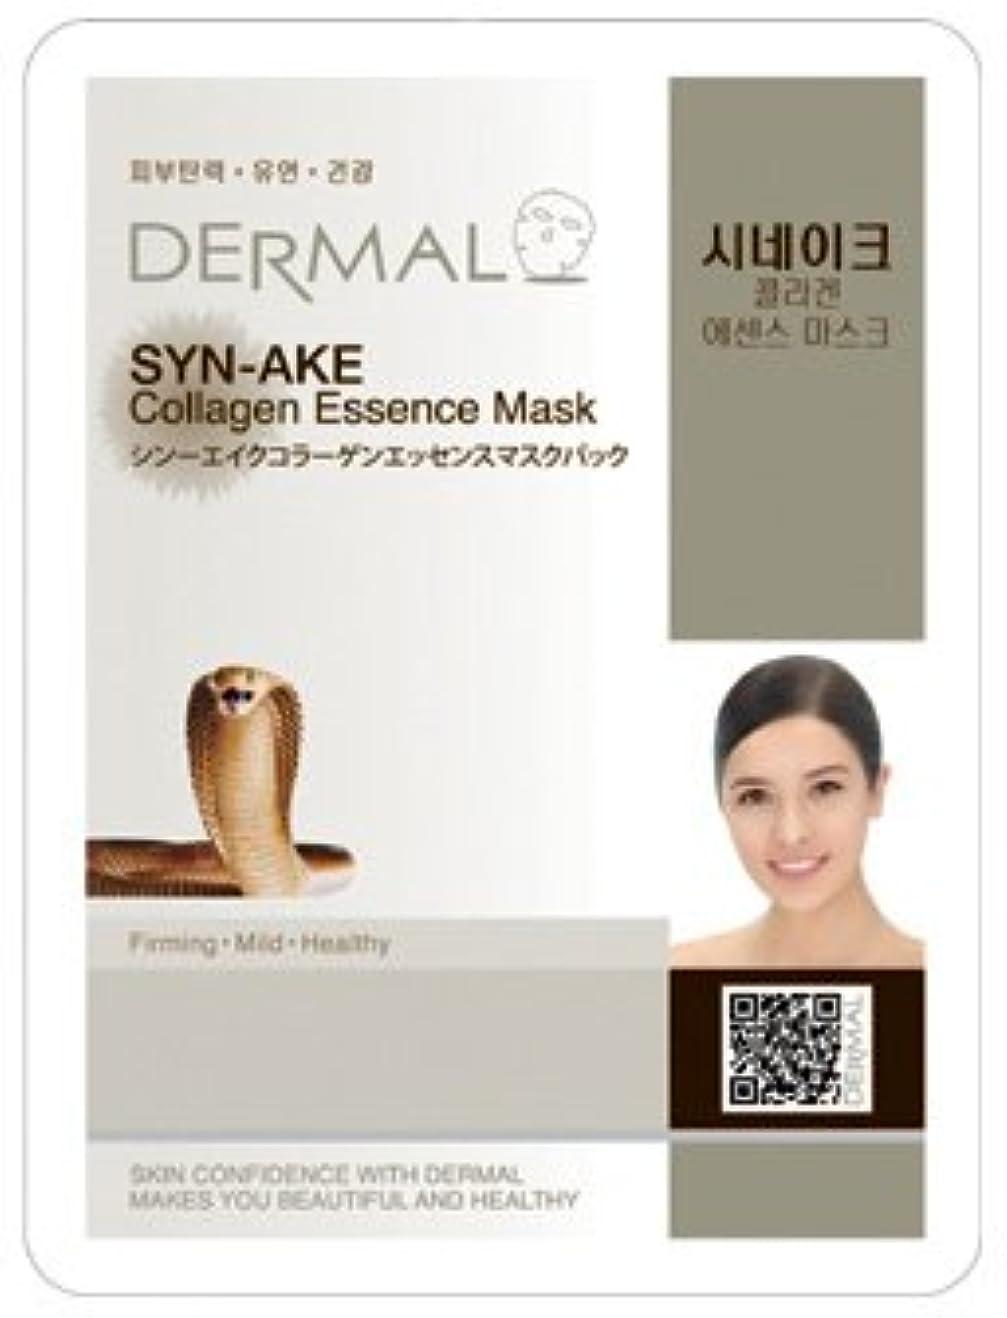 気怠いソフィー意志に反する蛇毒シートマスク(フェイスパック) シンエイク 10枚セット ダーマル(Dermal)